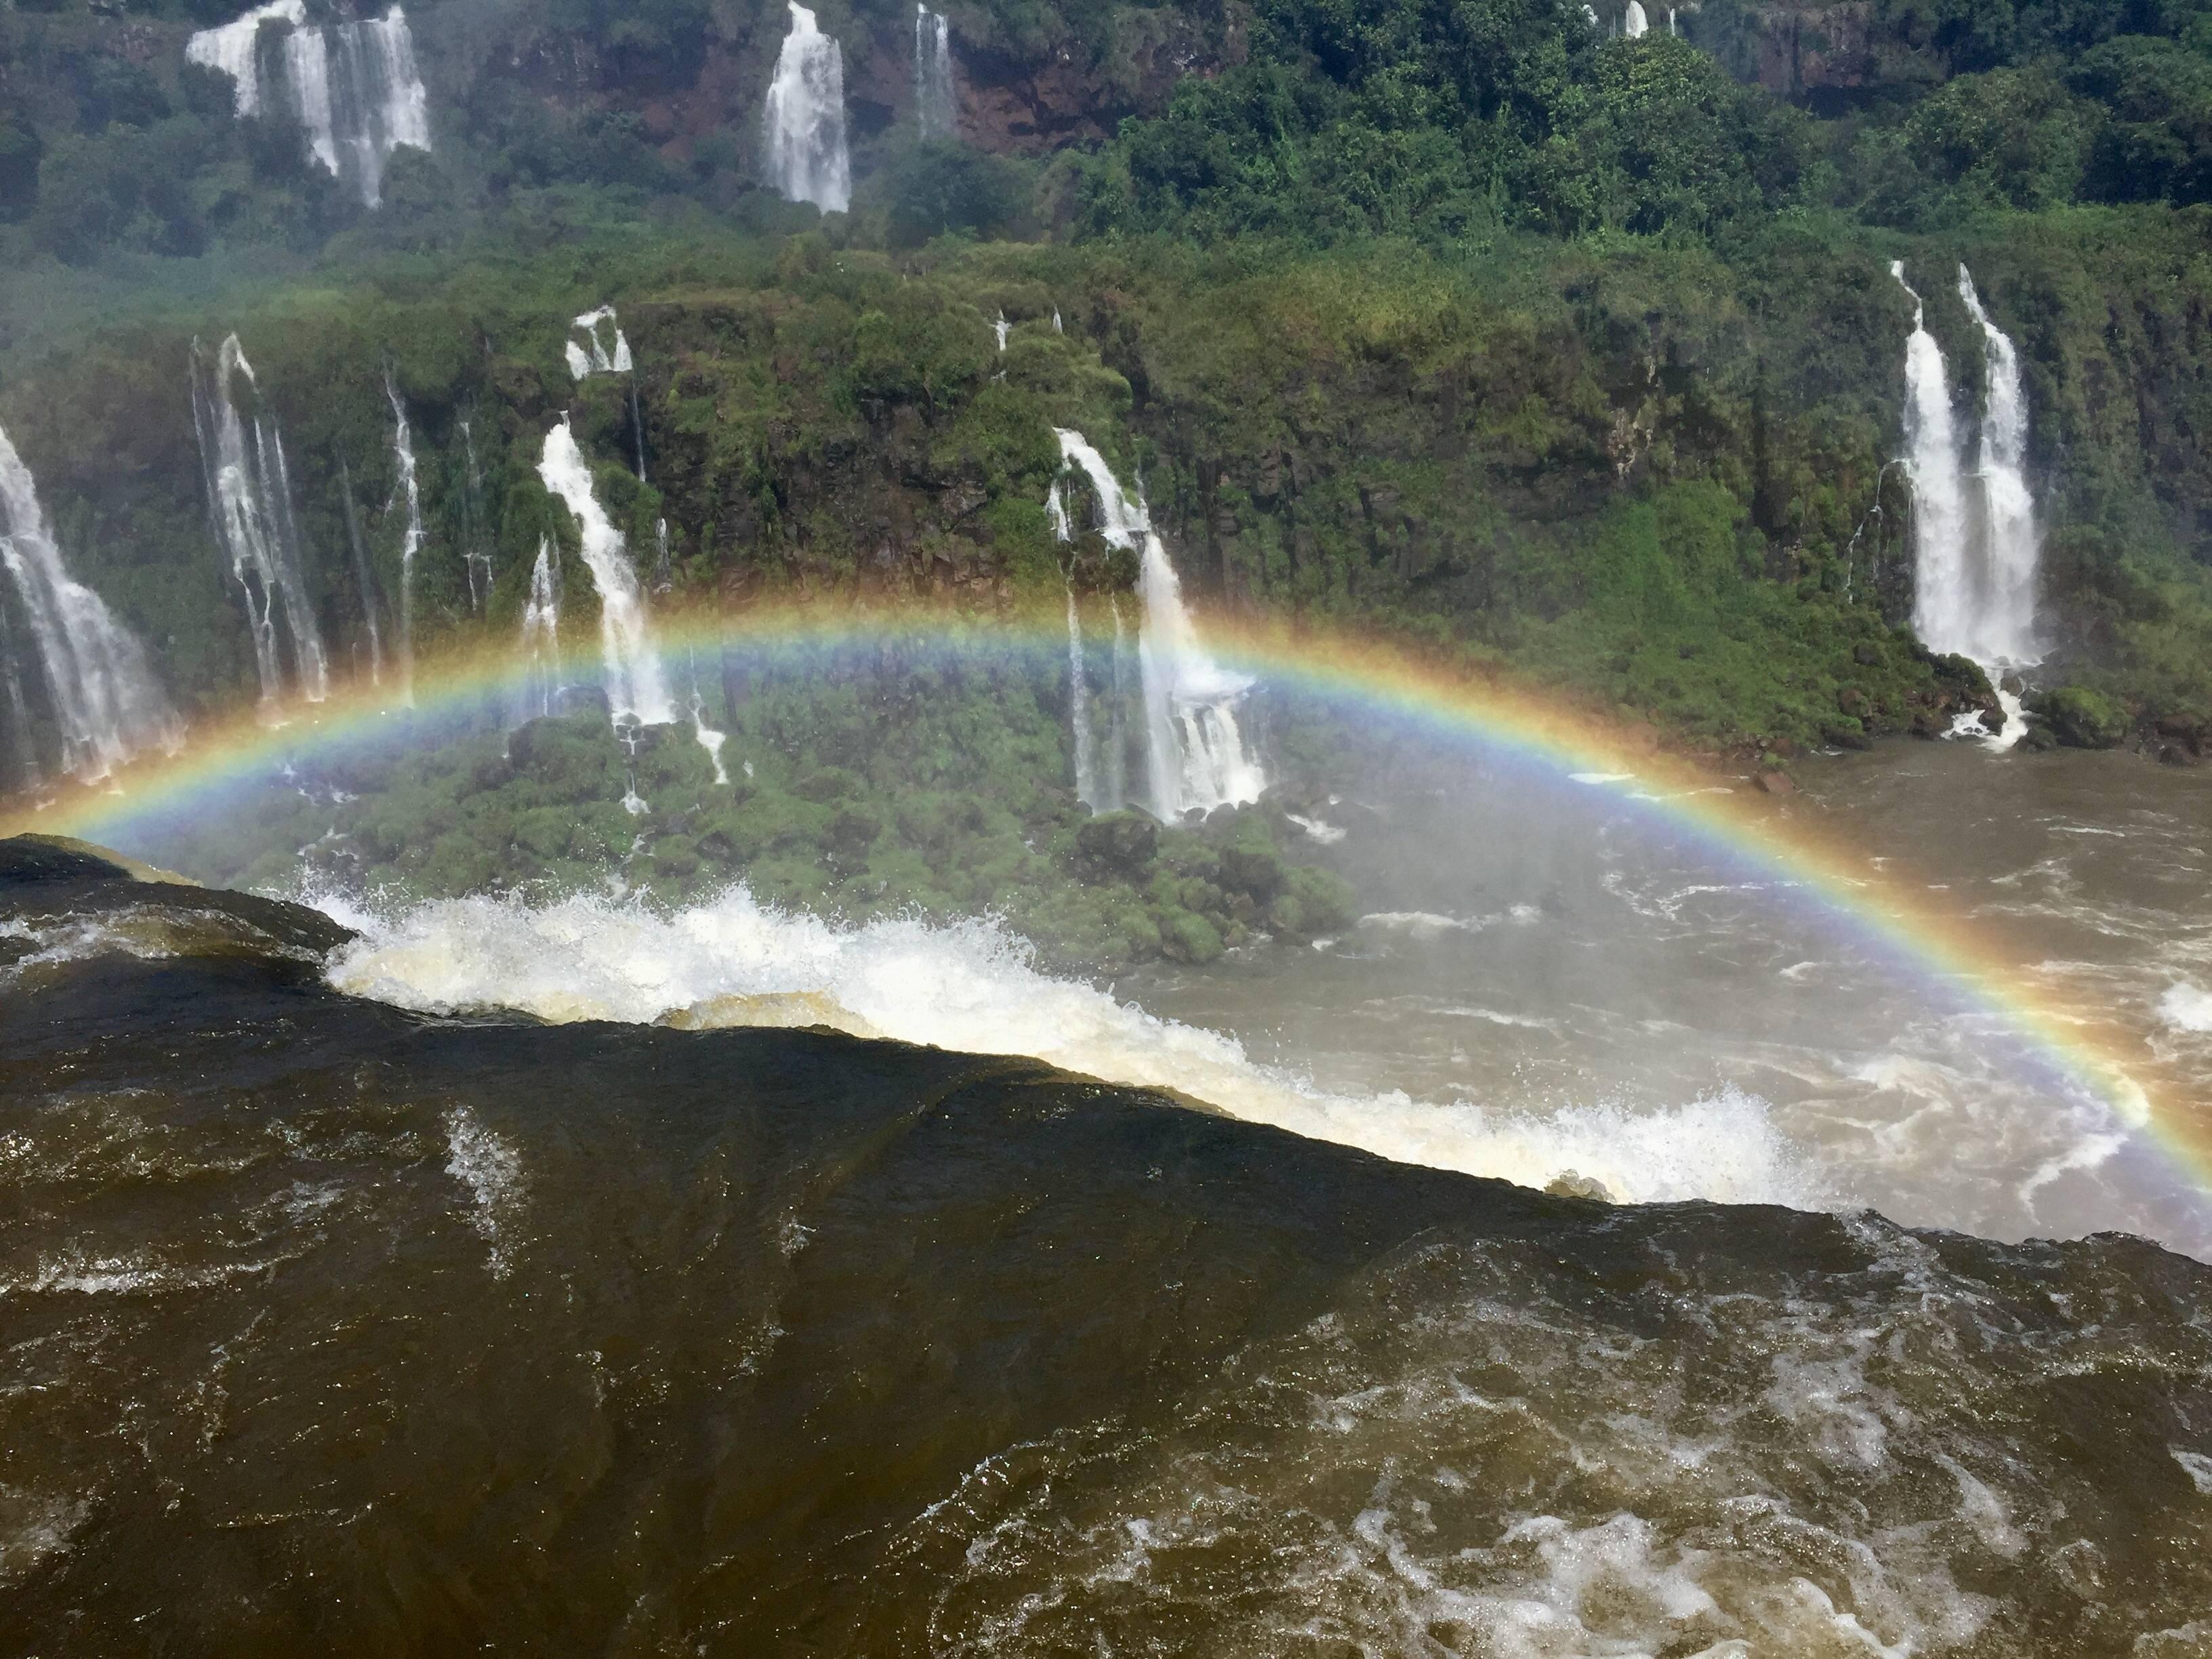 Photo 1: Iguazu sous arc en ciels